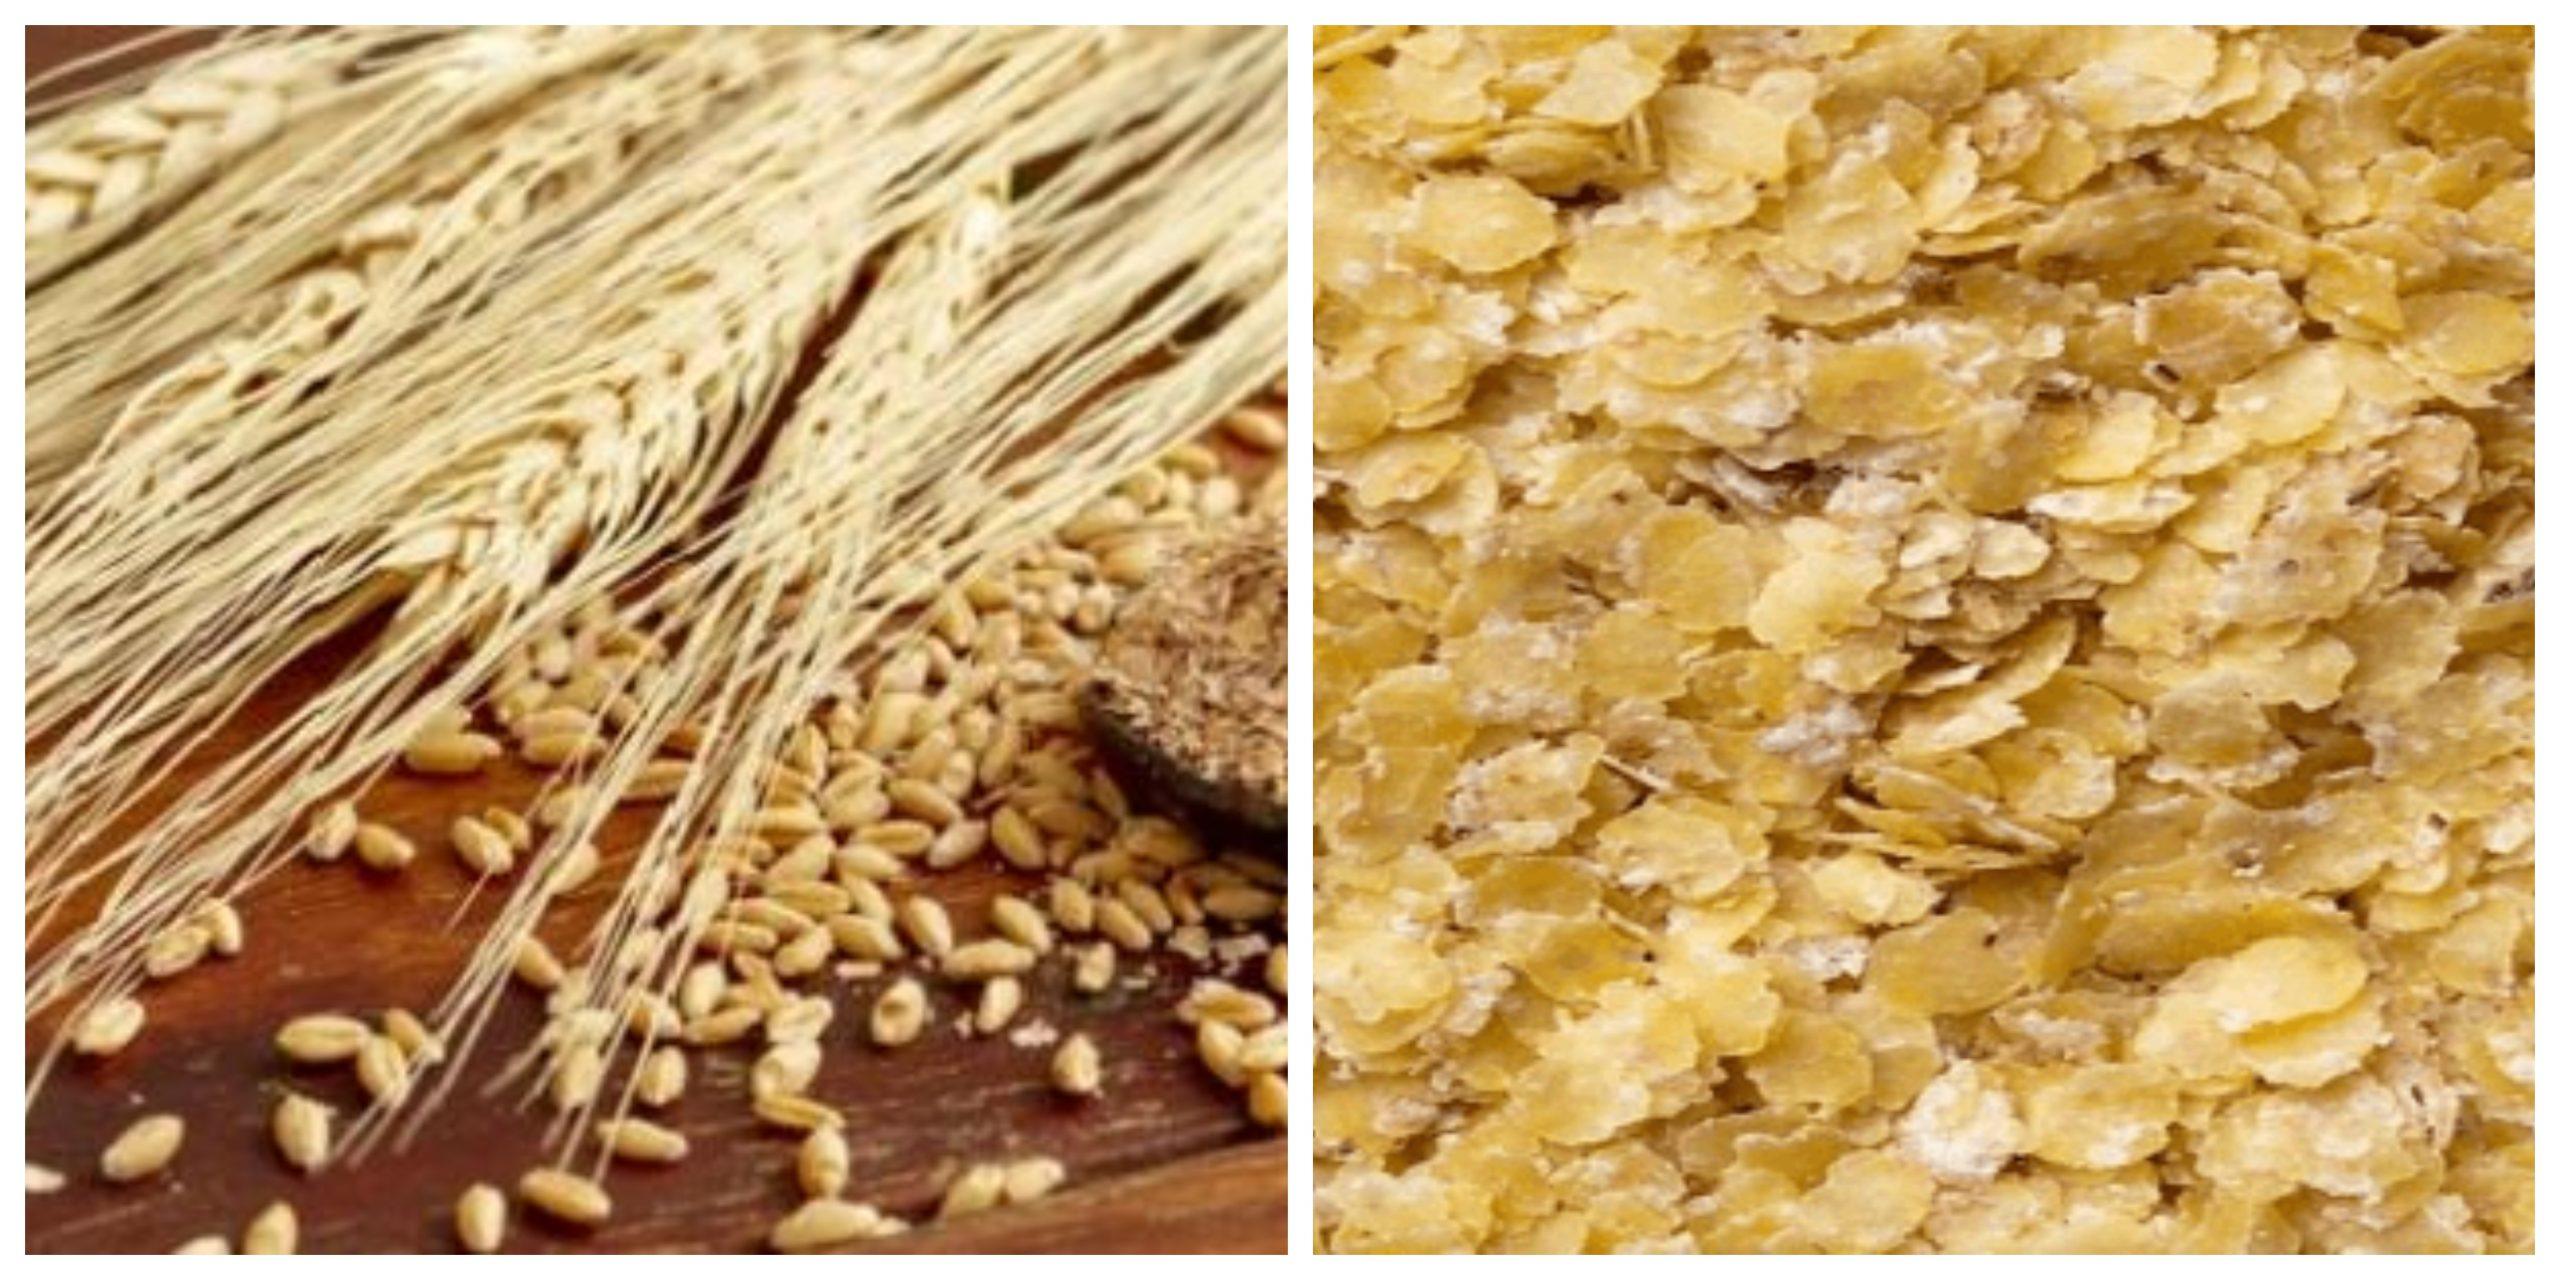 ريجيم القمح يمكنه التخلص من الكرش بسرعة فائقة.. فوائده وآثاره الجانبية